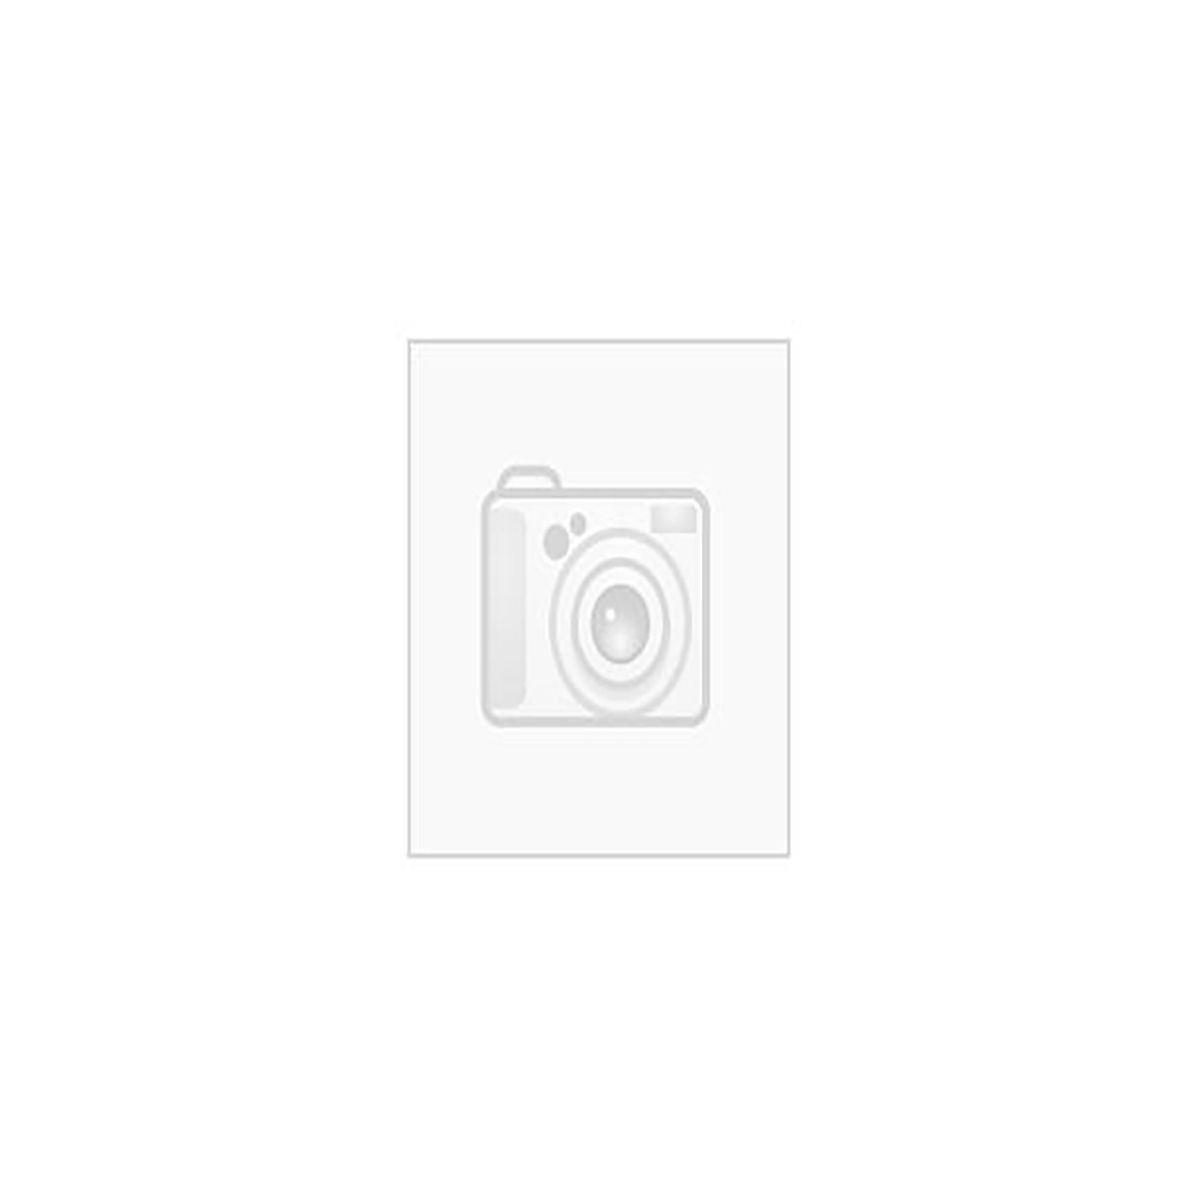 Olympia, Linea lavabi rund eller oval servant